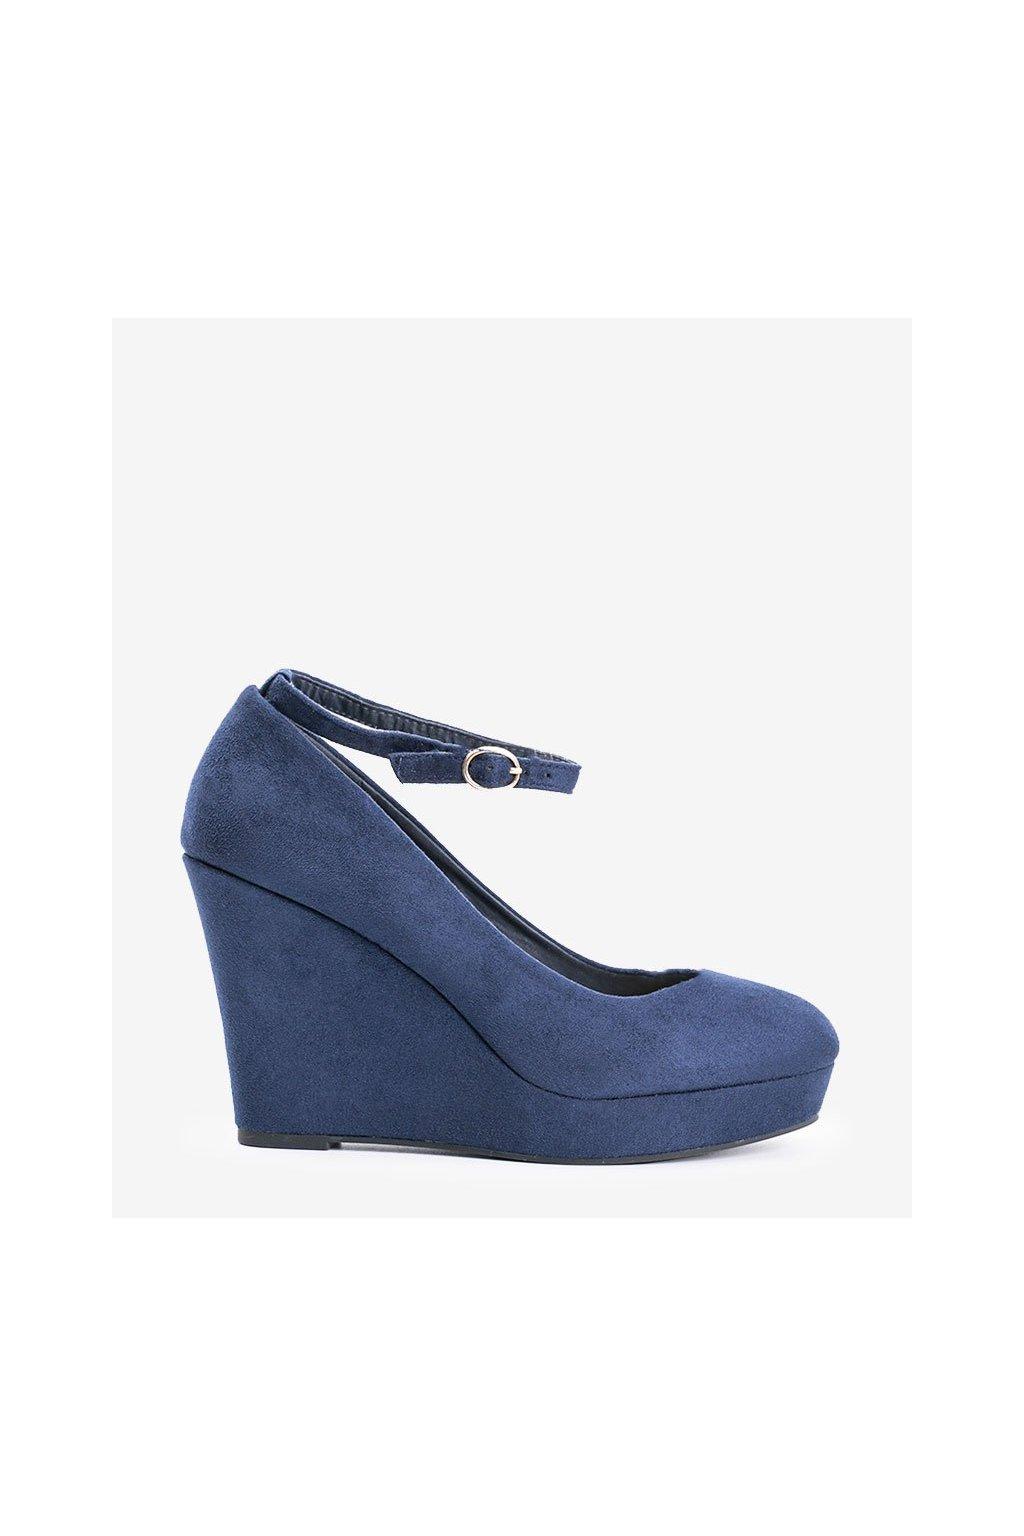 Dámske topánky lodičky modré kód LEI-109 - GM